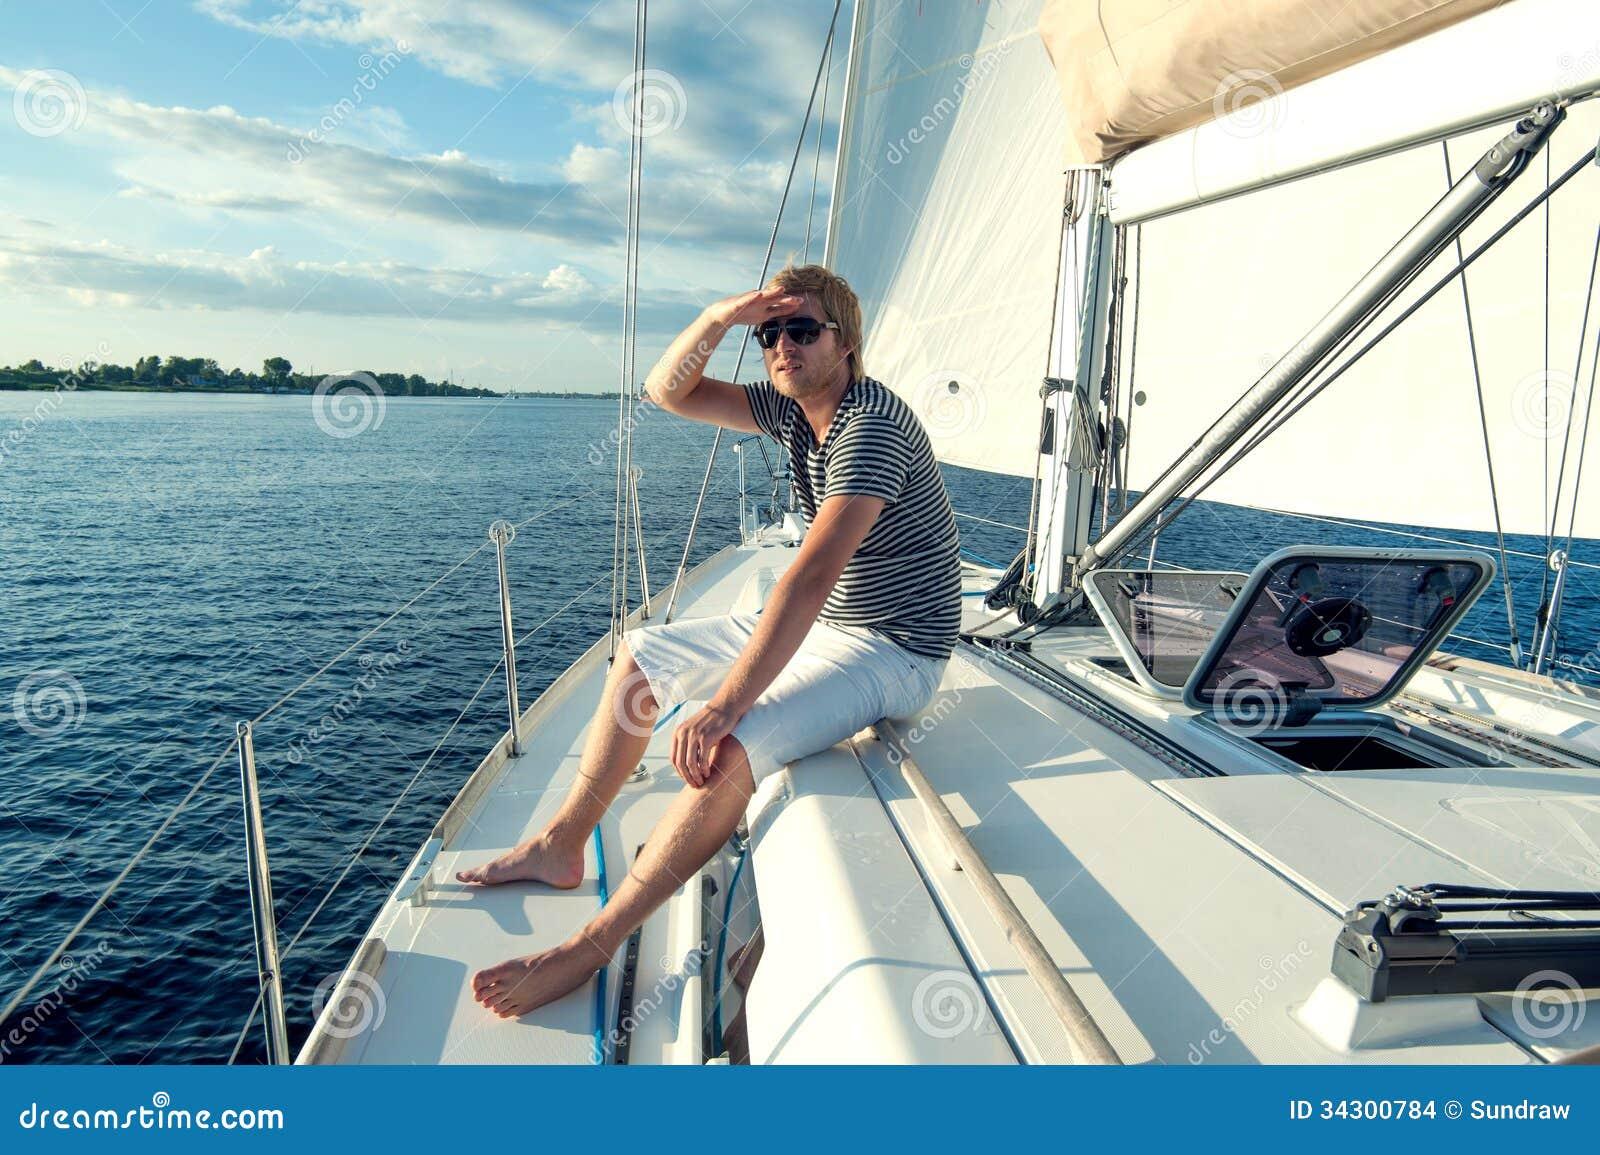 Онлайн видео снятое на яхте видео голые звезды